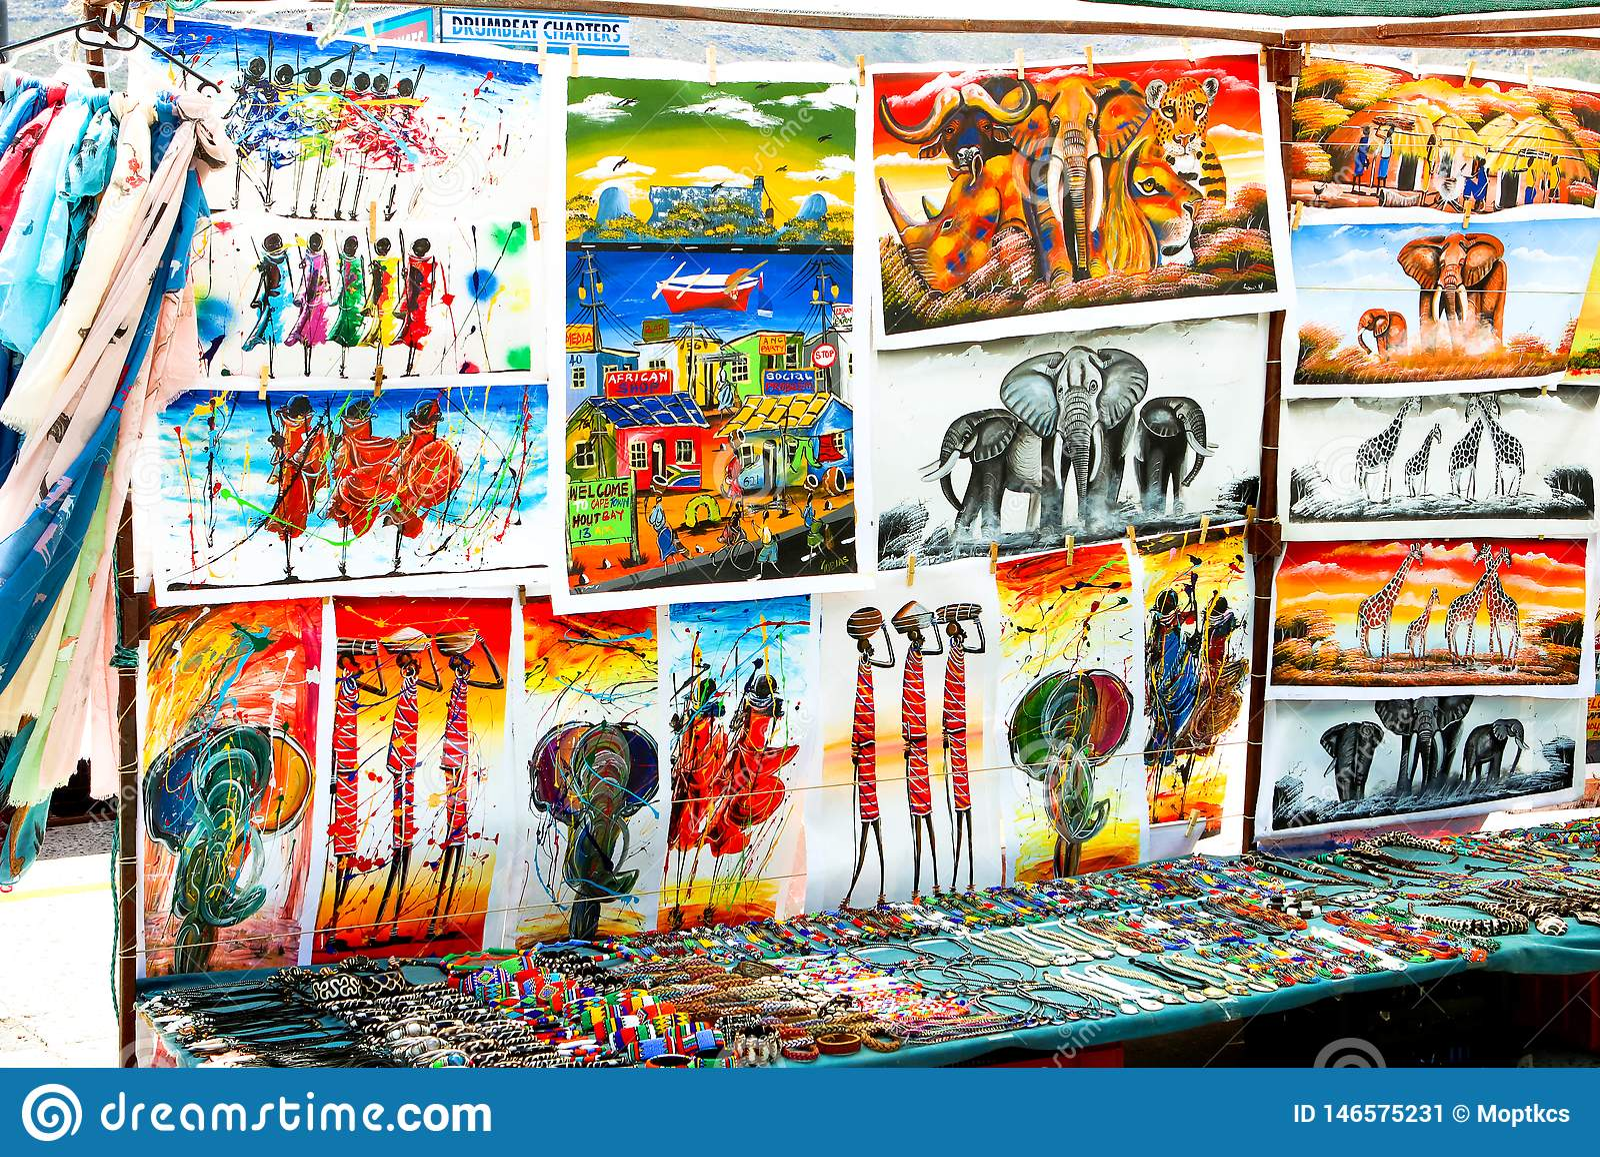 ЗАЛИВ HOUT, КЕЙПТАУН, ЮЖНАЯ АФРИКА - 24-ОЕ ДЕКАБРЯ 2017: Традиционные африканские картины, handmade аксессуары и сувениры на мест